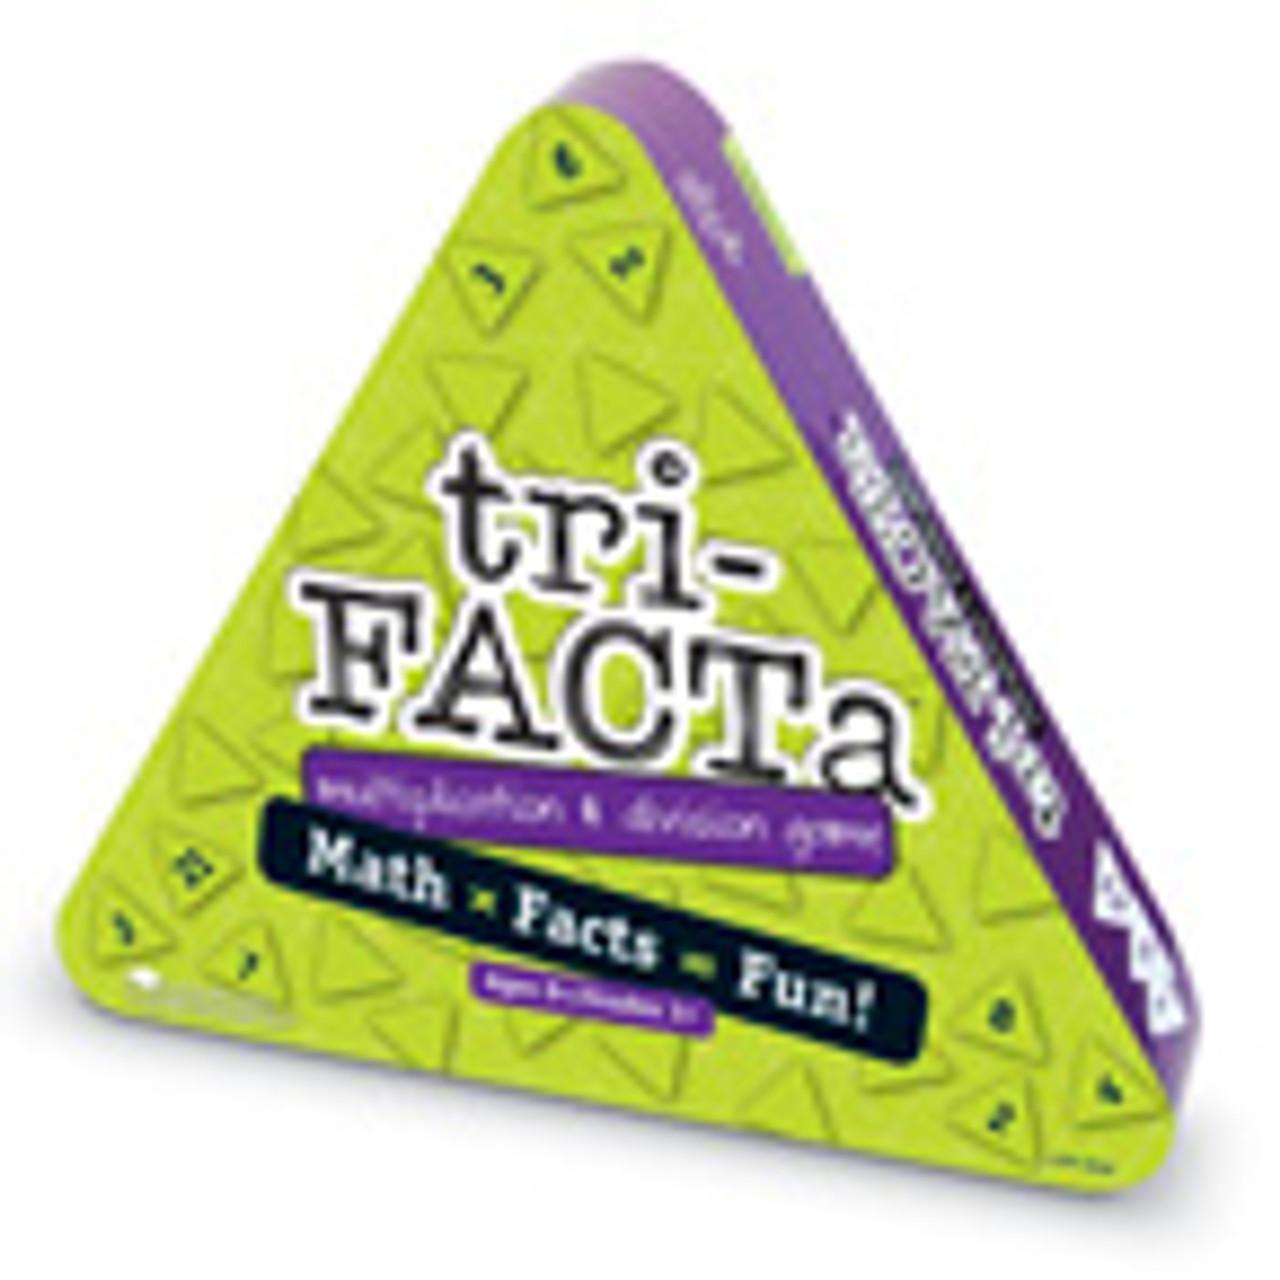 Tri-Facta Multiplication & Division Game